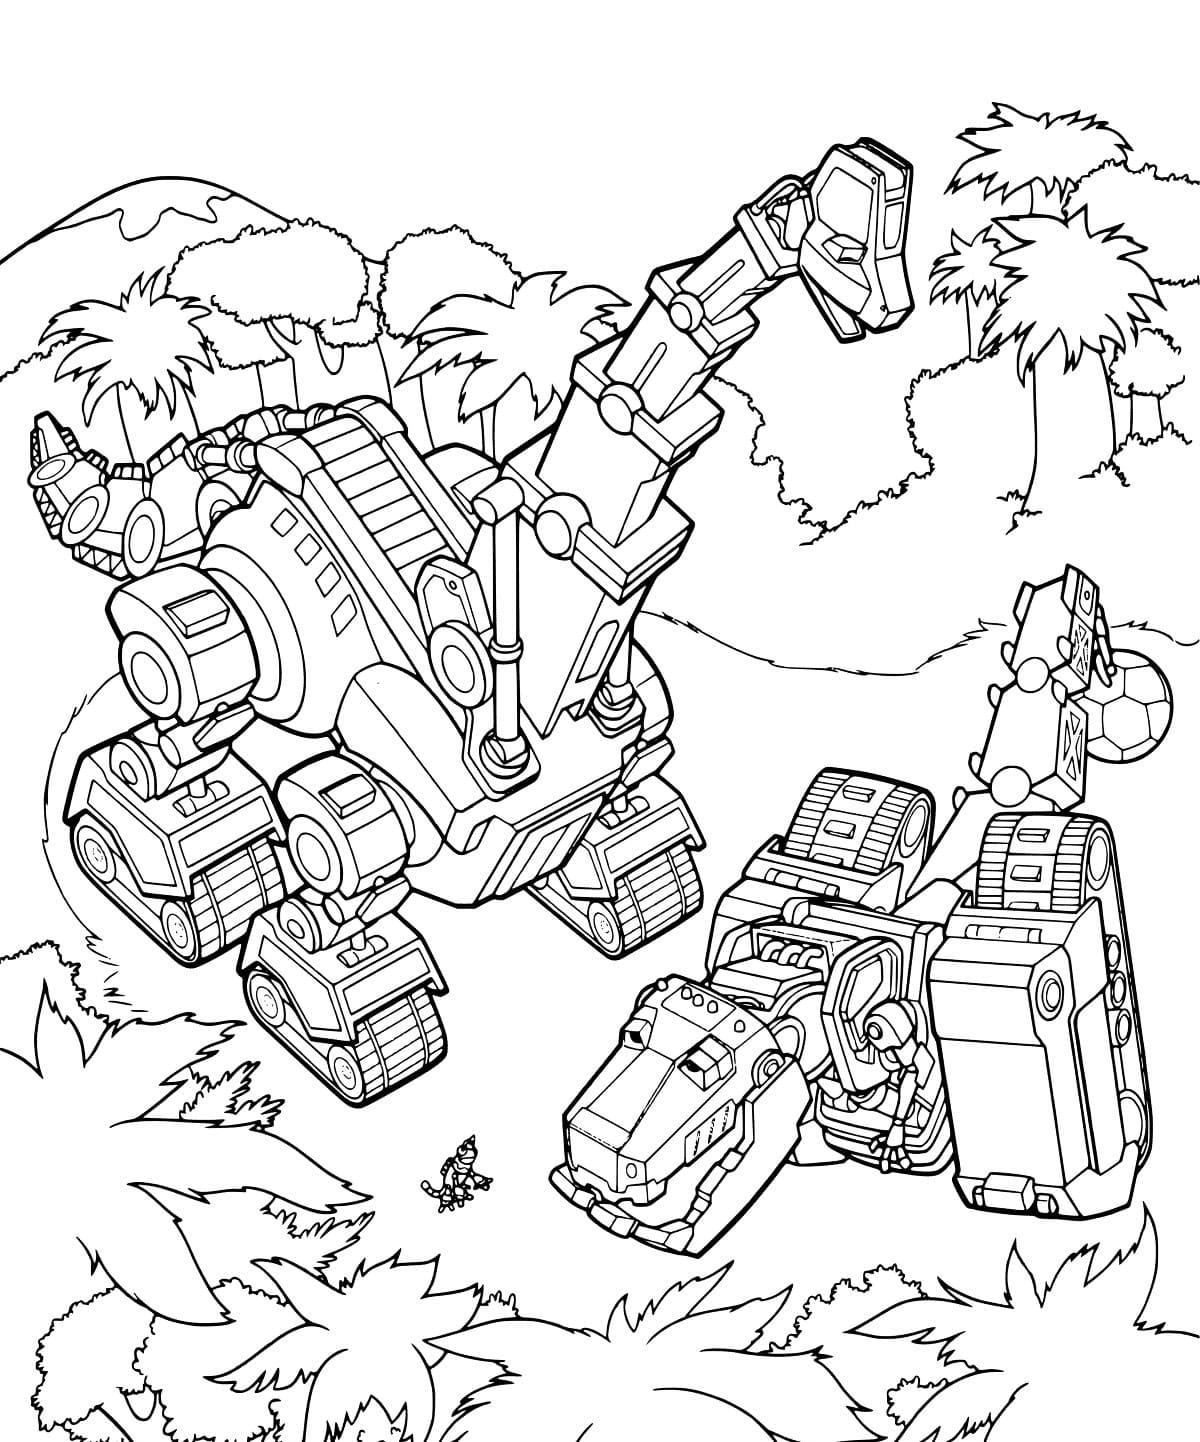 Malvorlagen Dinotrux Ausmalbilder zum ausdrucken